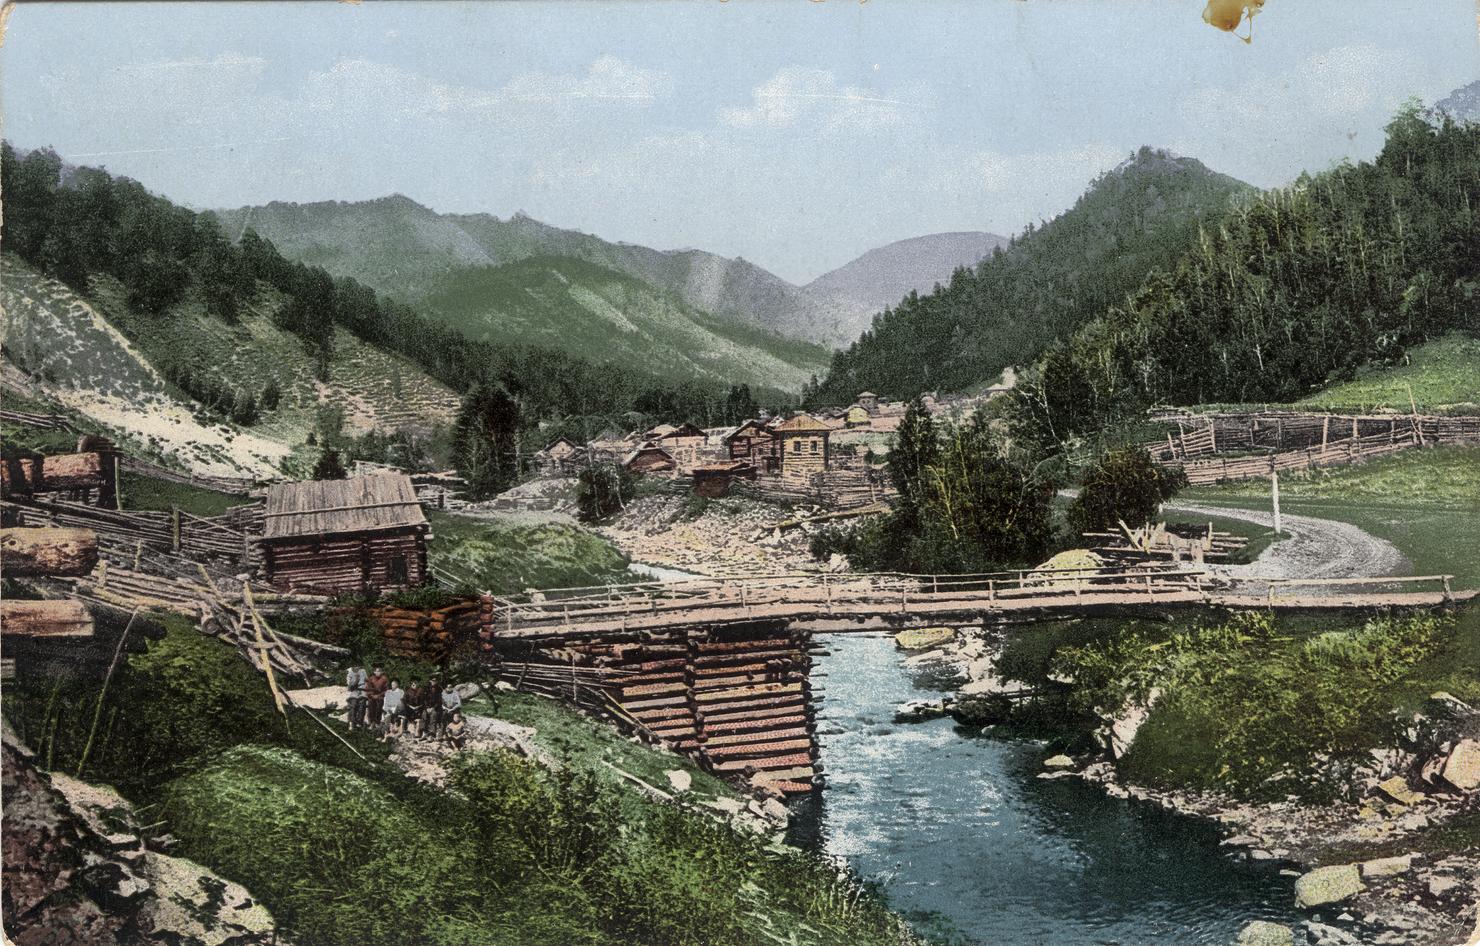 Село Элекмонар. Долина среднего течения реки Катунь